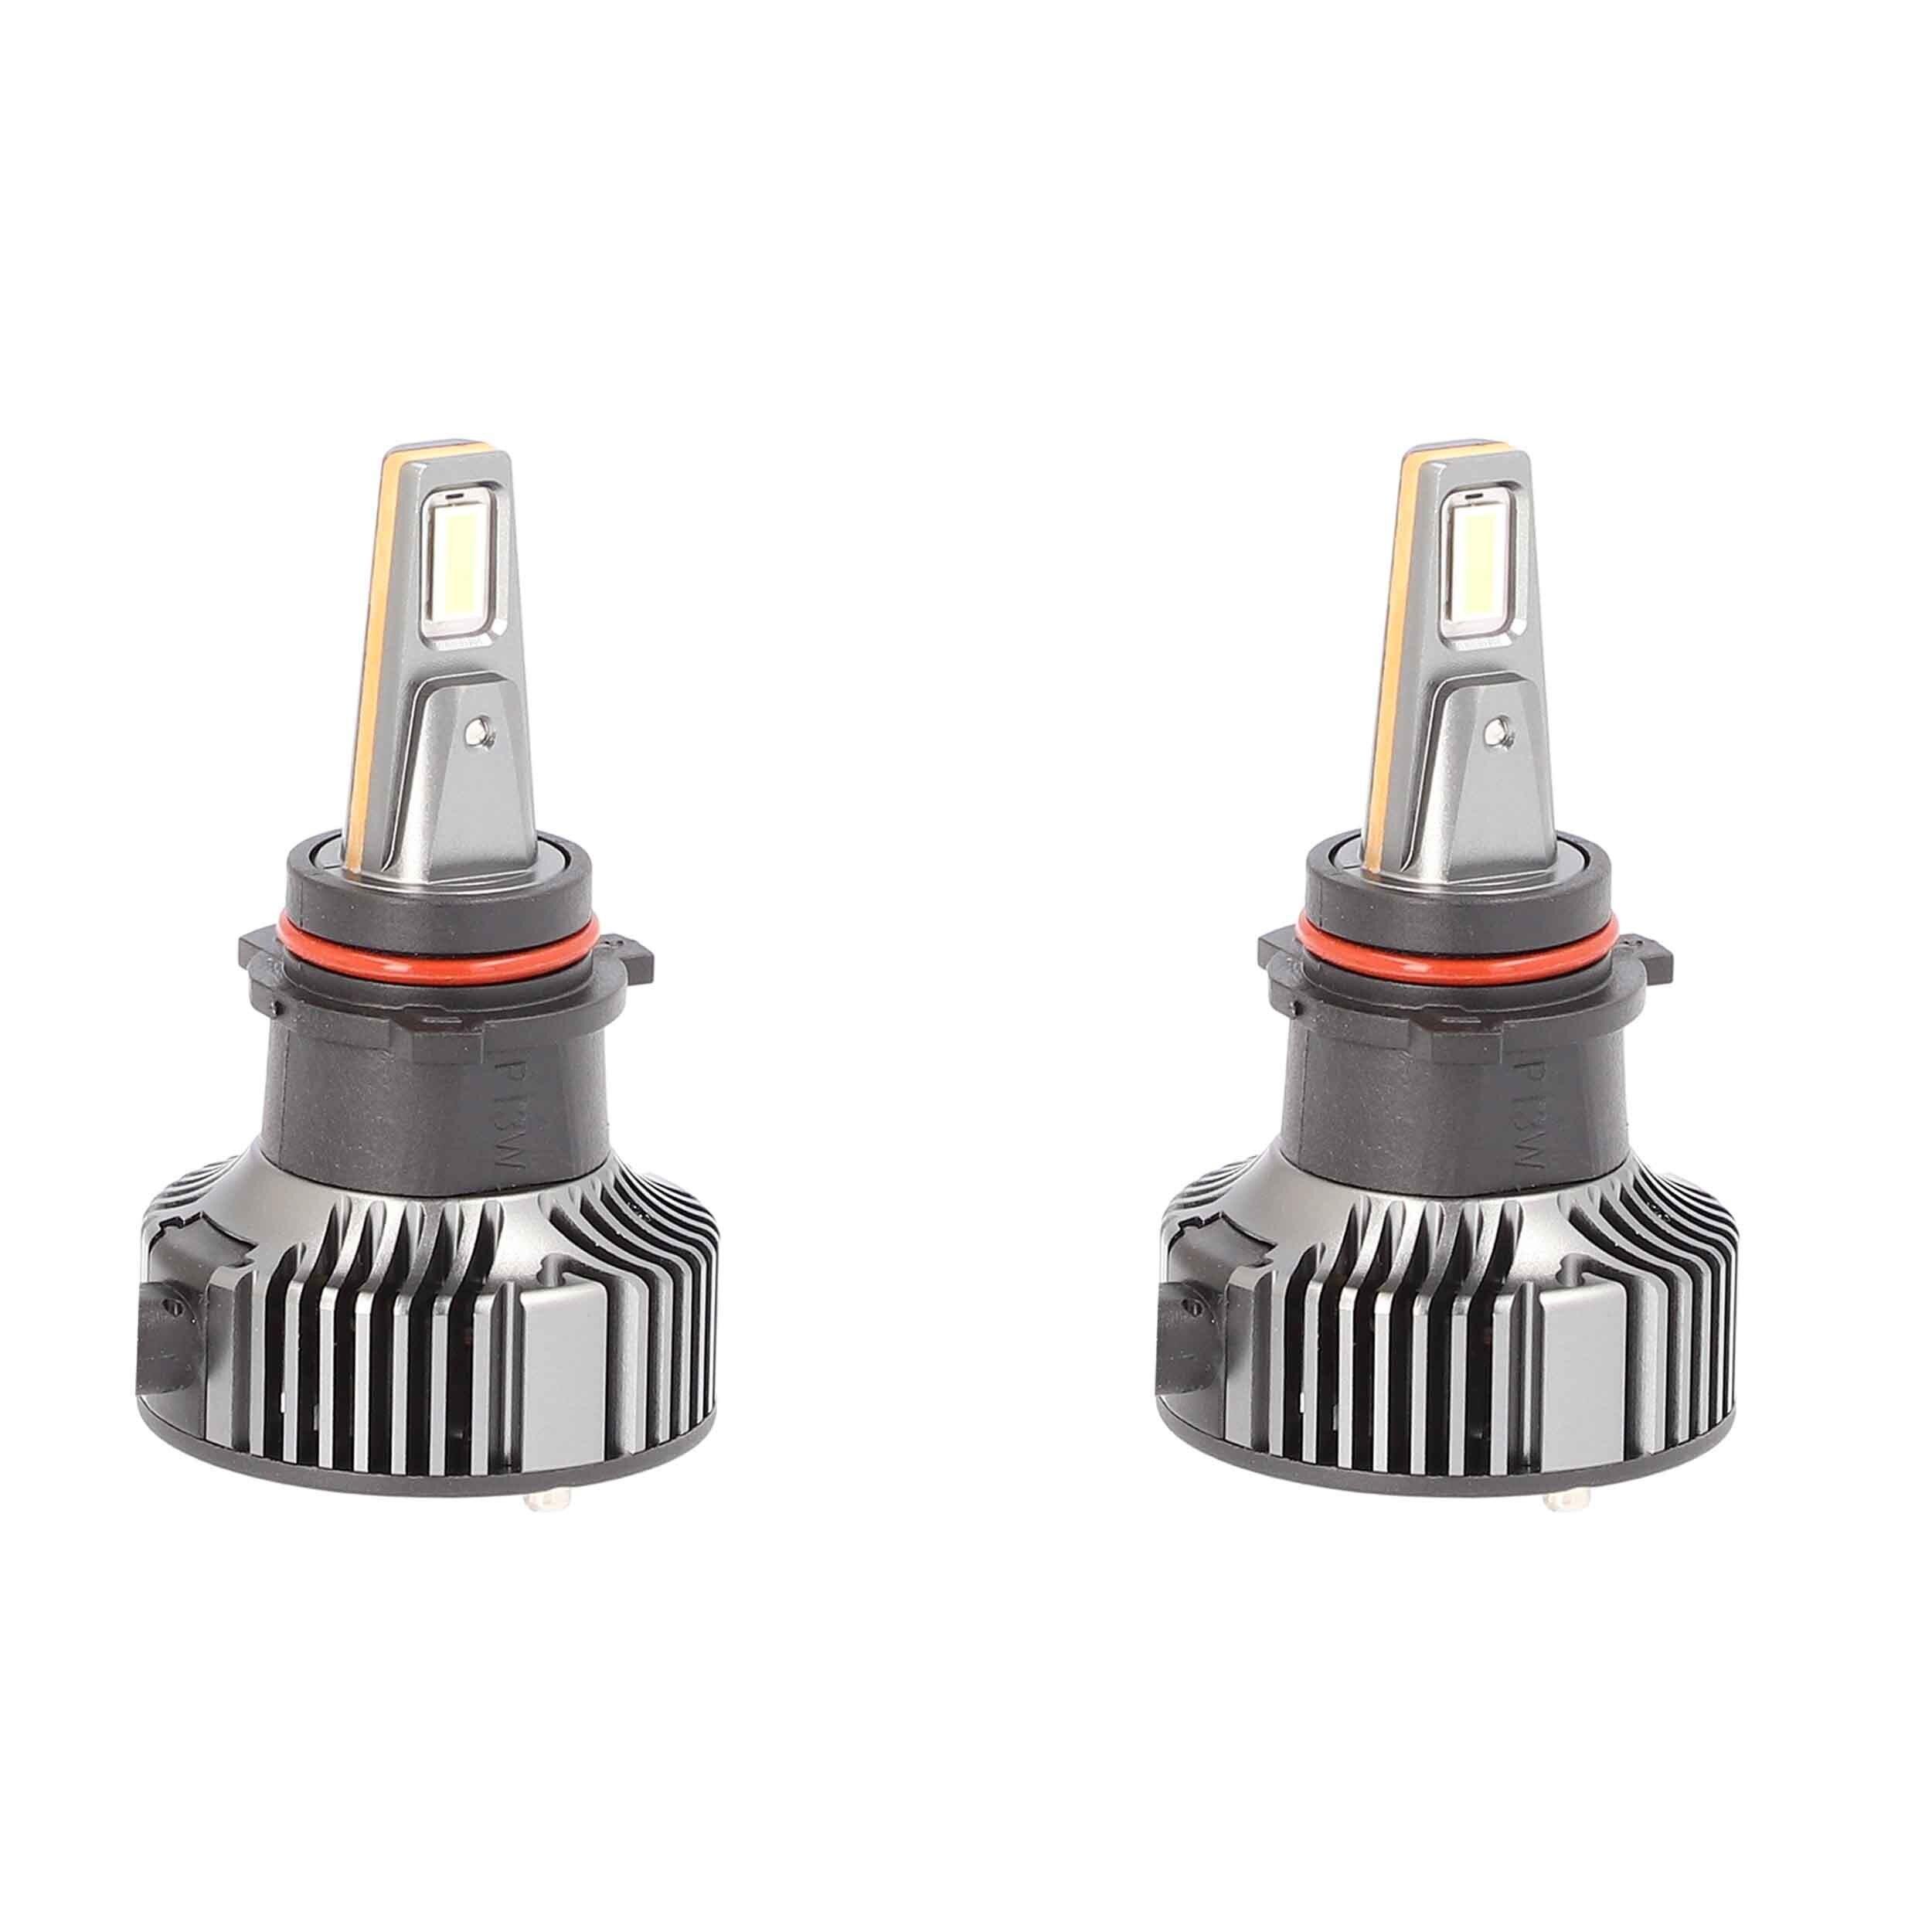 HE-P13 Pro Series LED Kit - Single Beam